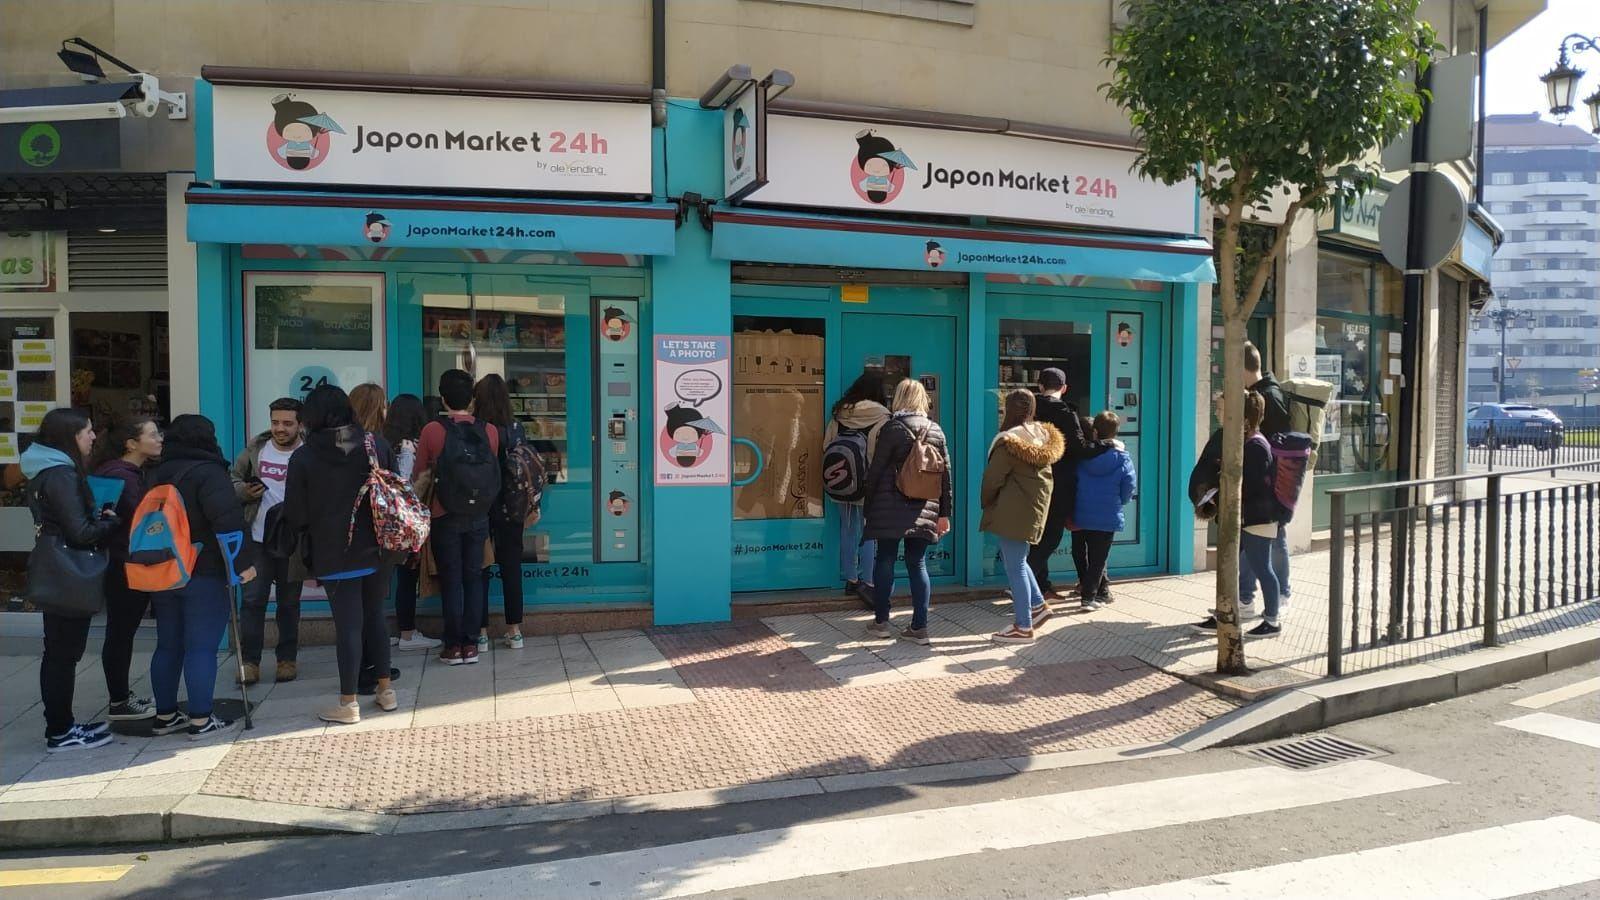 Máquinas expendedoras de comida japonesa en Oviedo